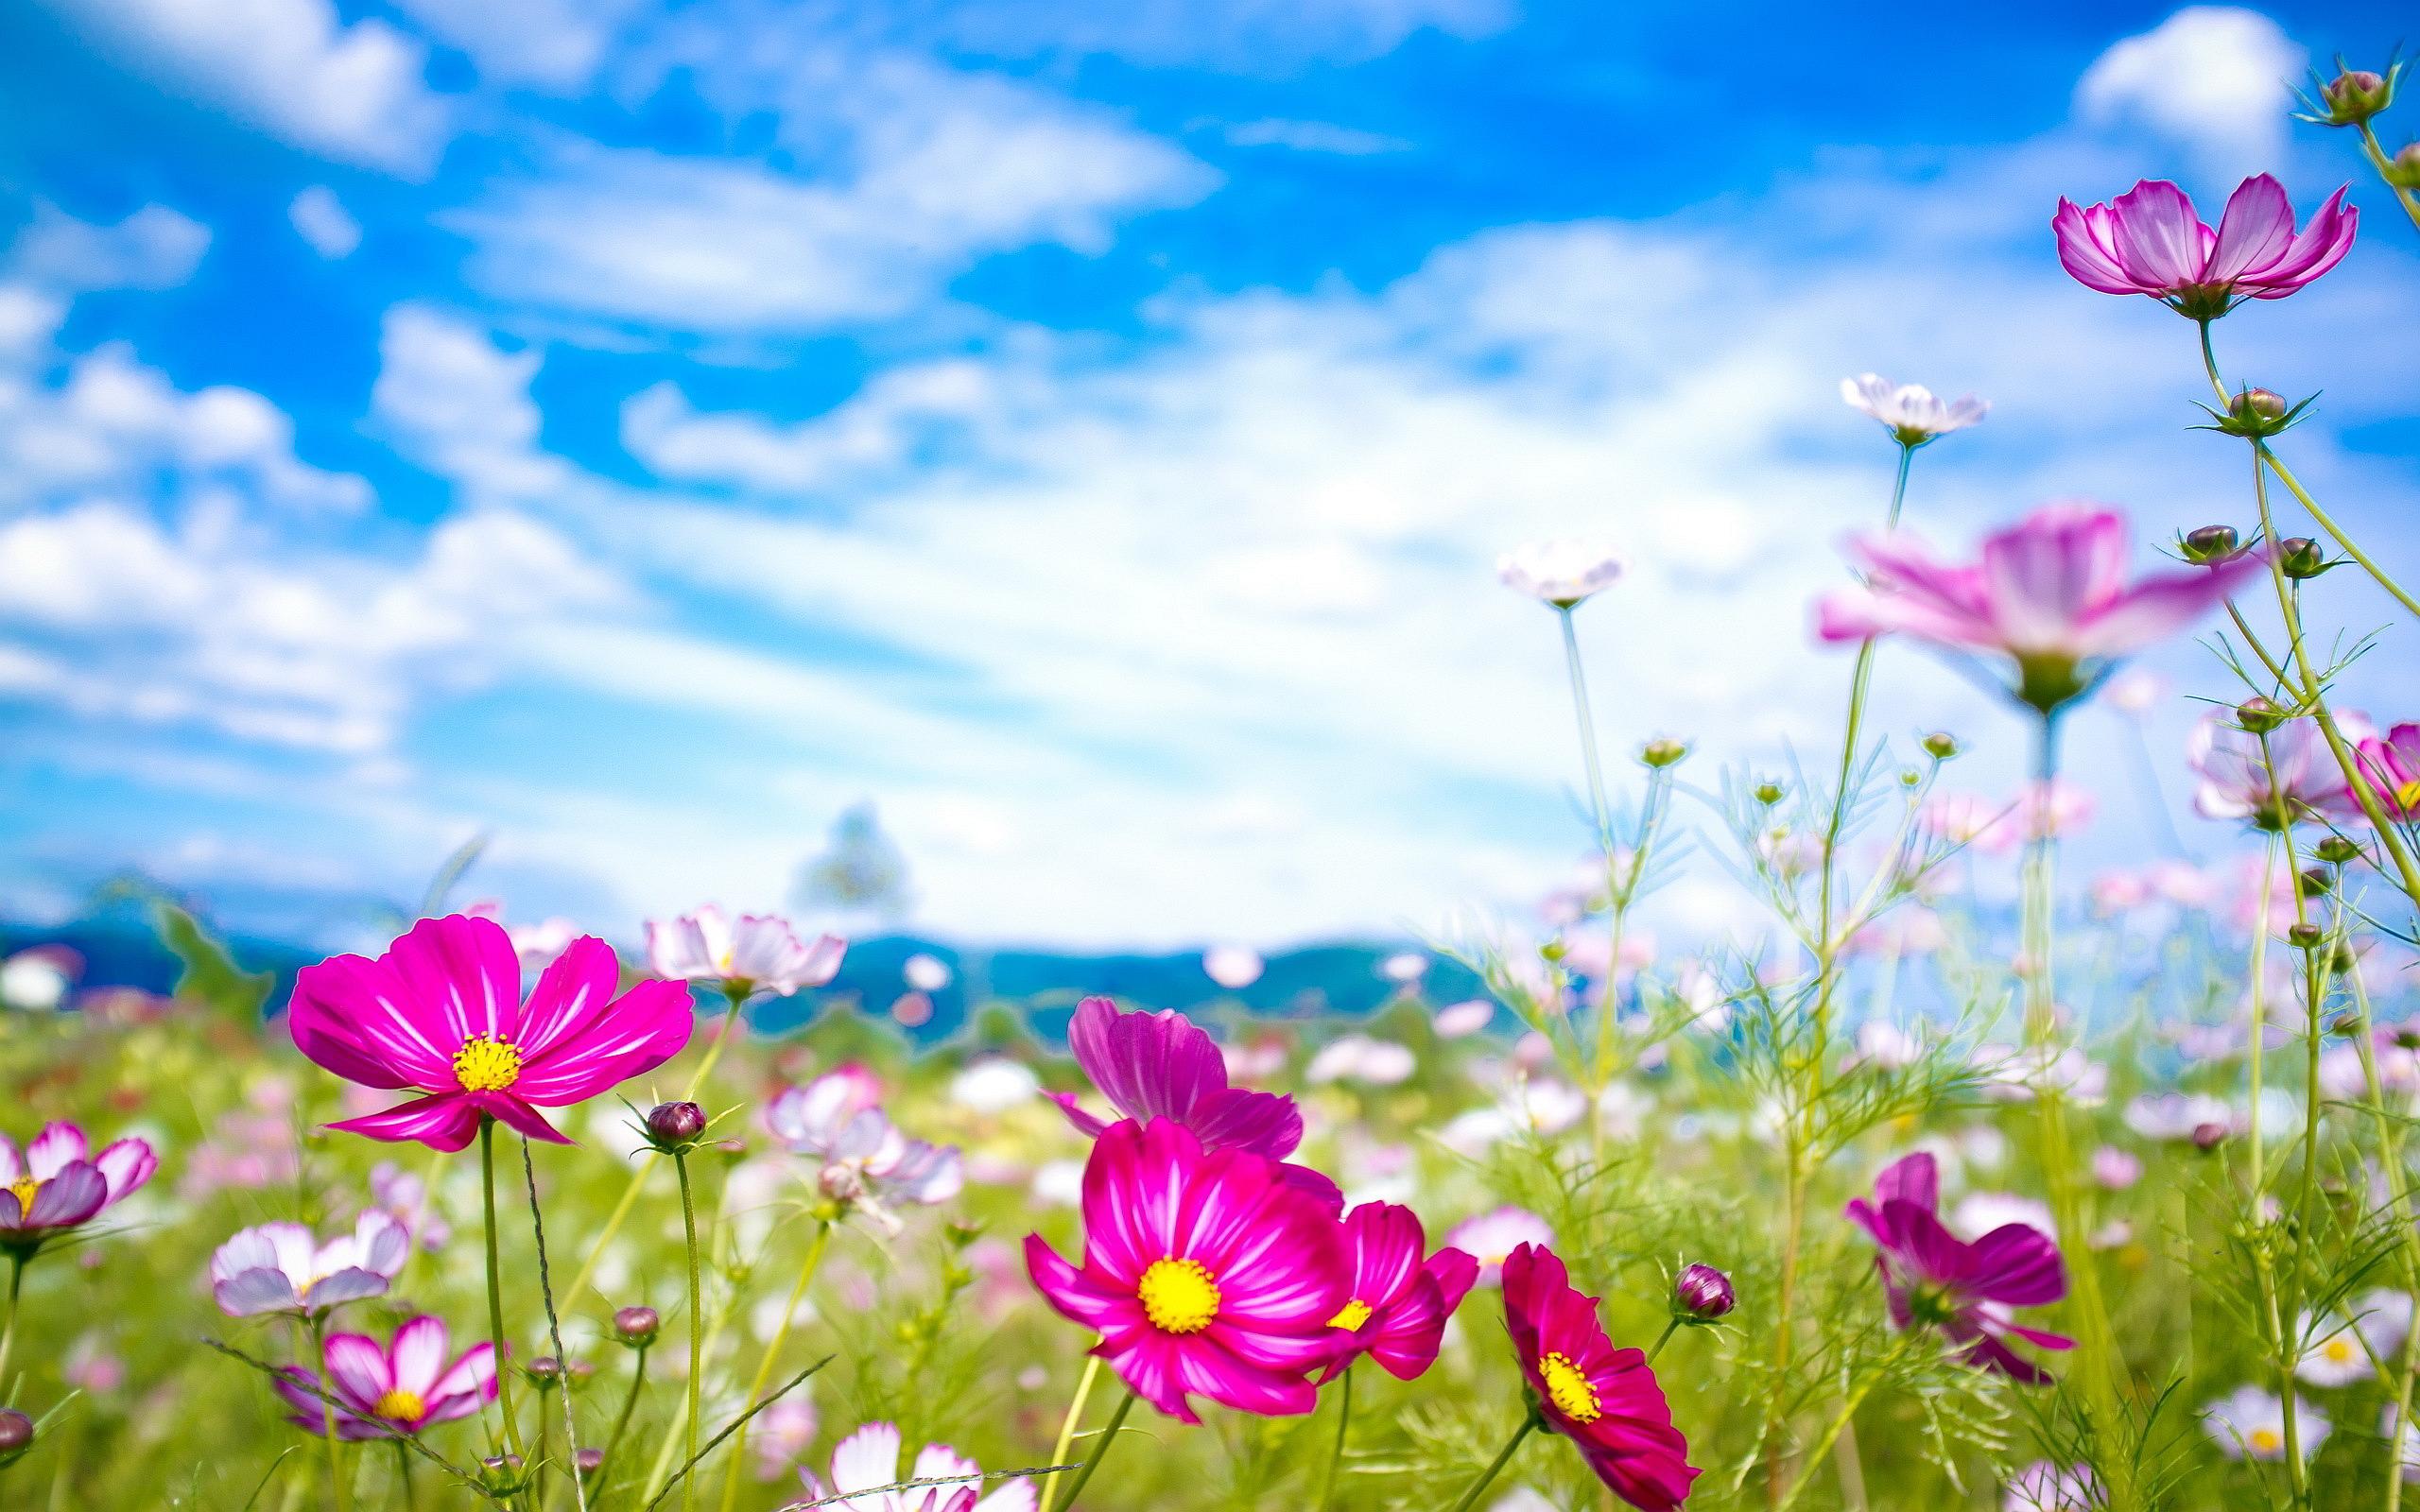 flower wallpaper A40